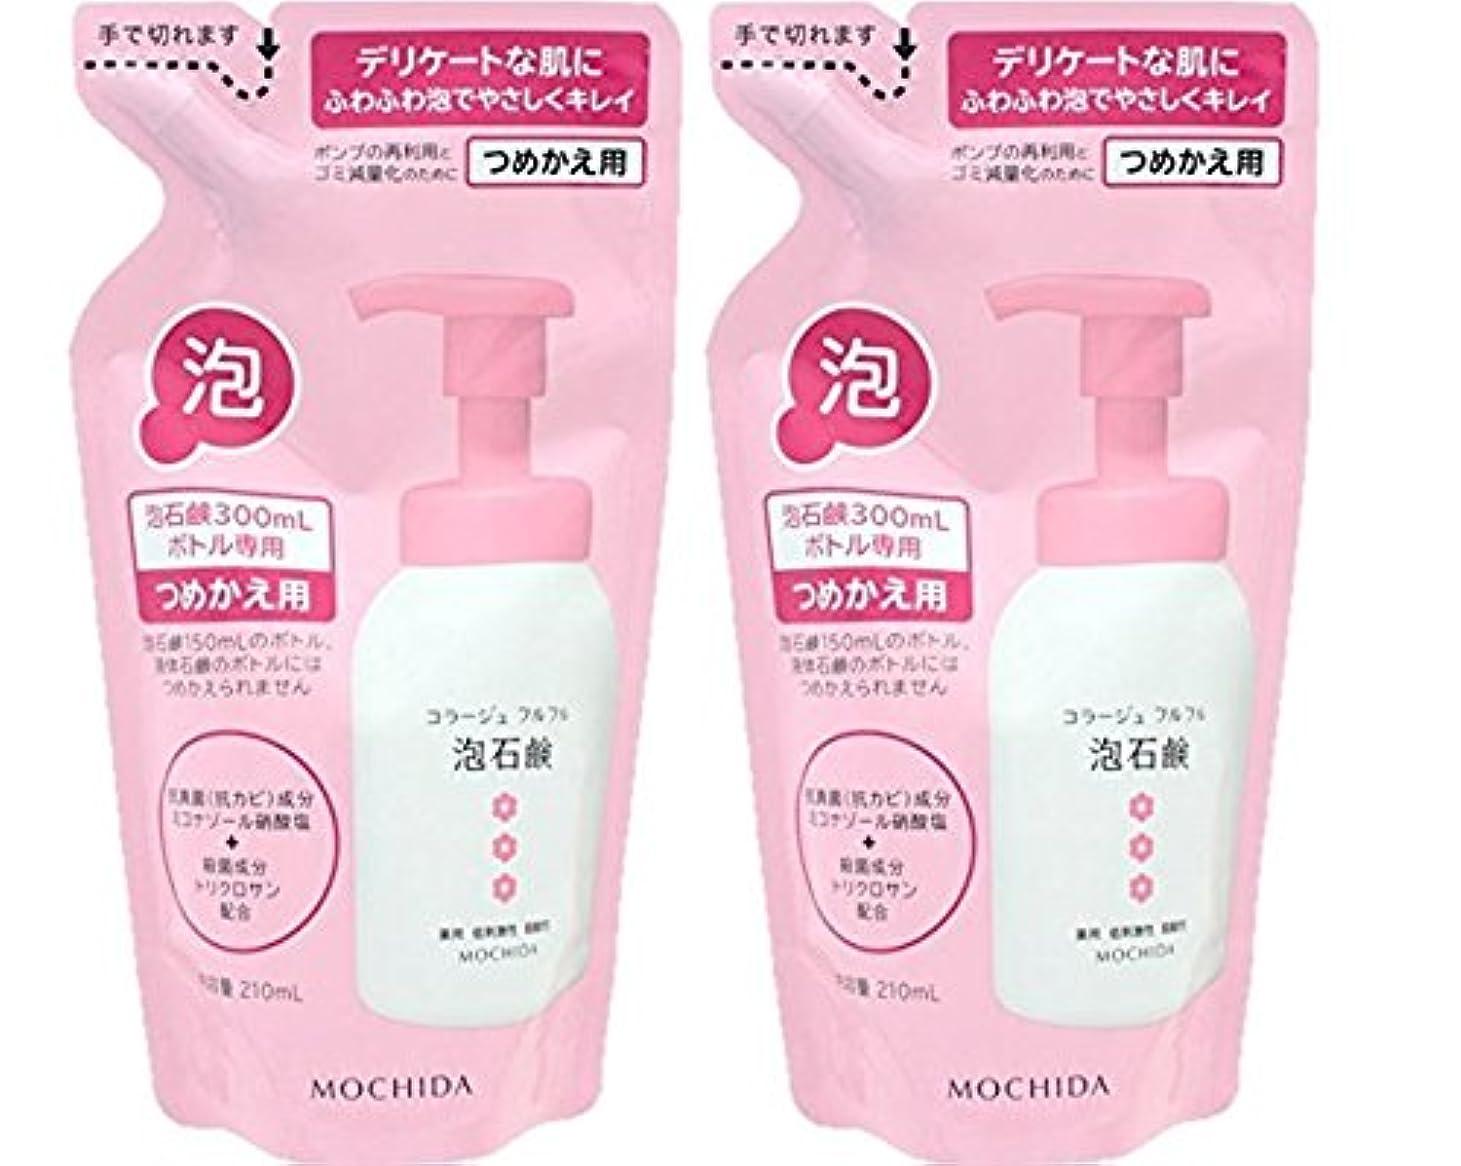 ストライク新年ステッチコラージュフルフル 泡石鹸 ピンク つめかえ用 210mL (医薬部外品)×2